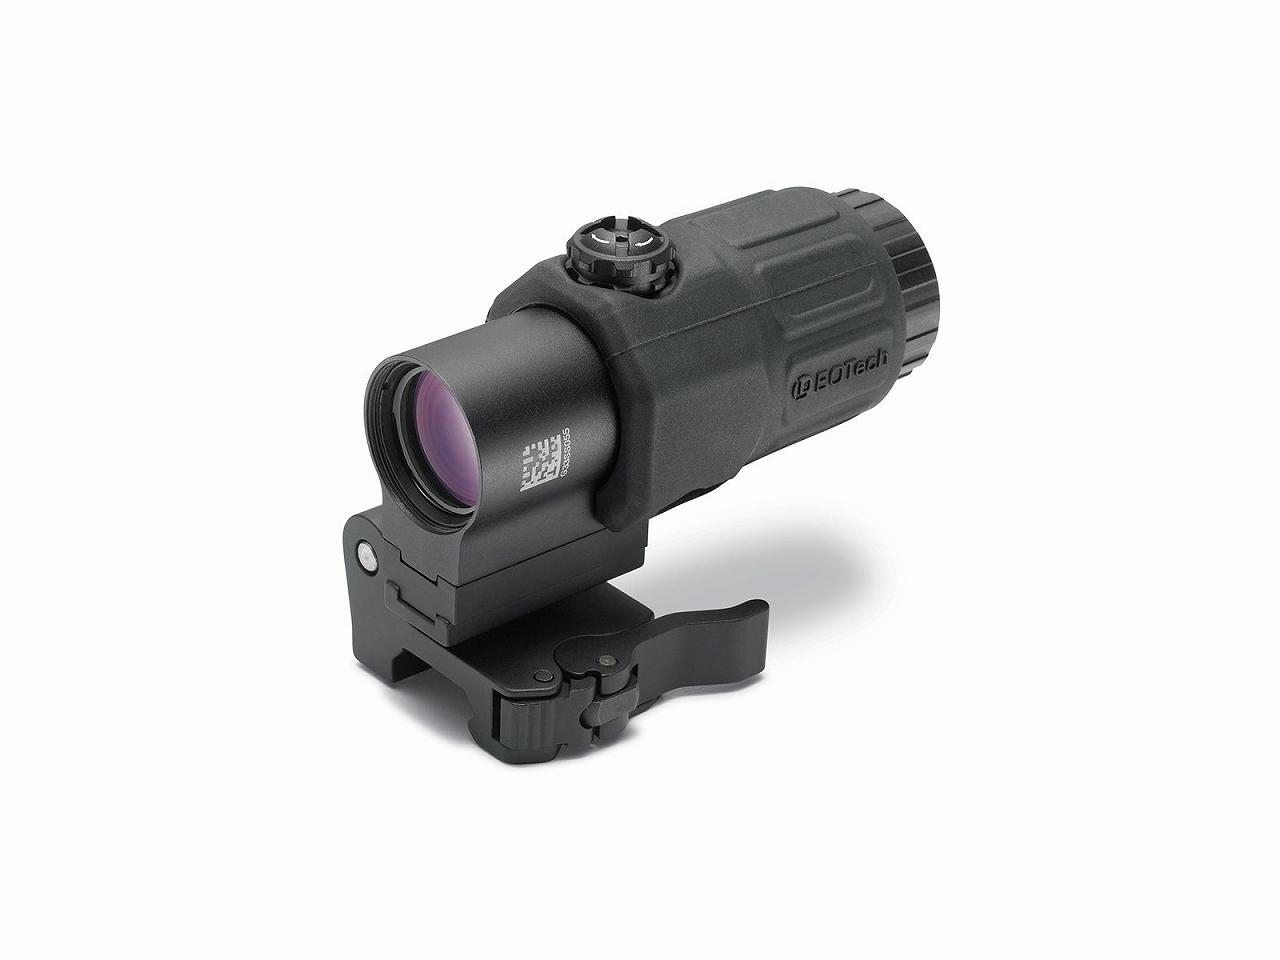 イオテック マグニファイア 3倍 ブラック EOTECH 3 power magnifier with quick disconnect, switch to side (STS) mount  BLK